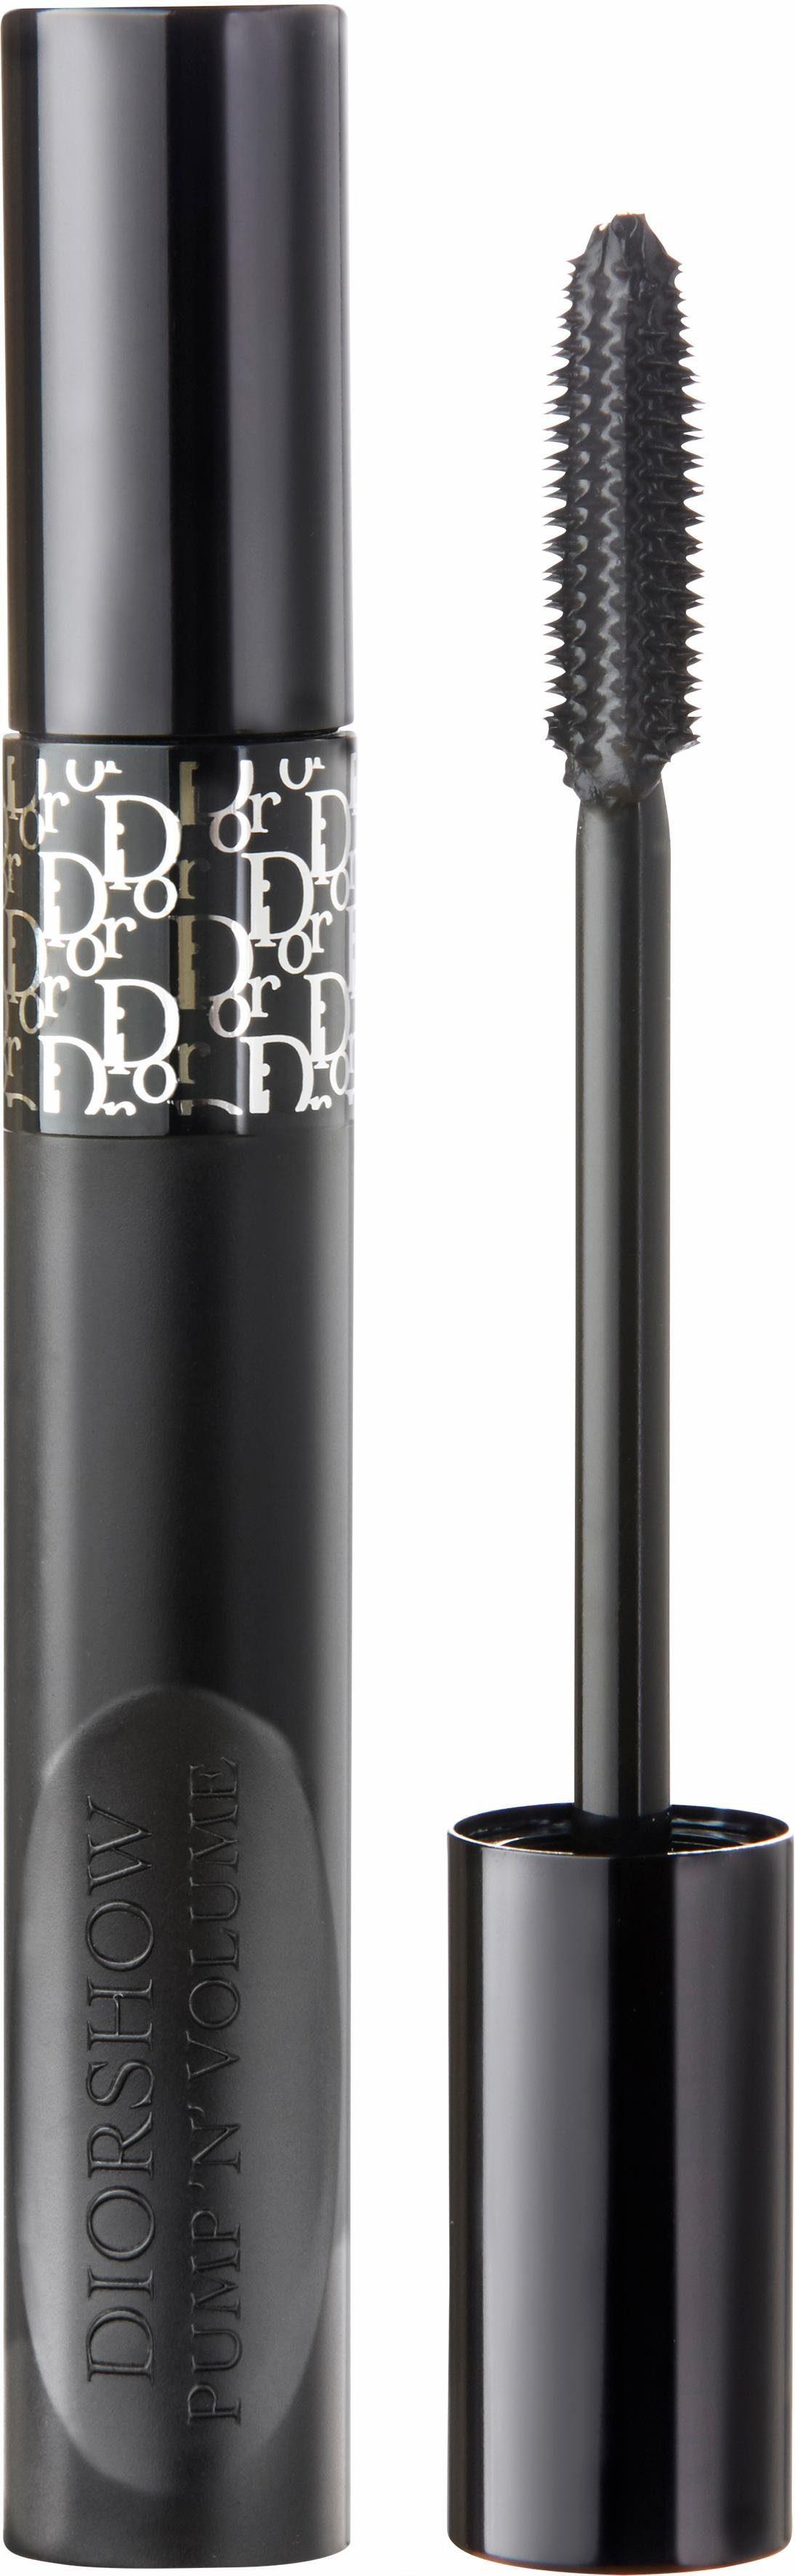 Dior, »Diorshow Pump'N'Volume«, Mascara